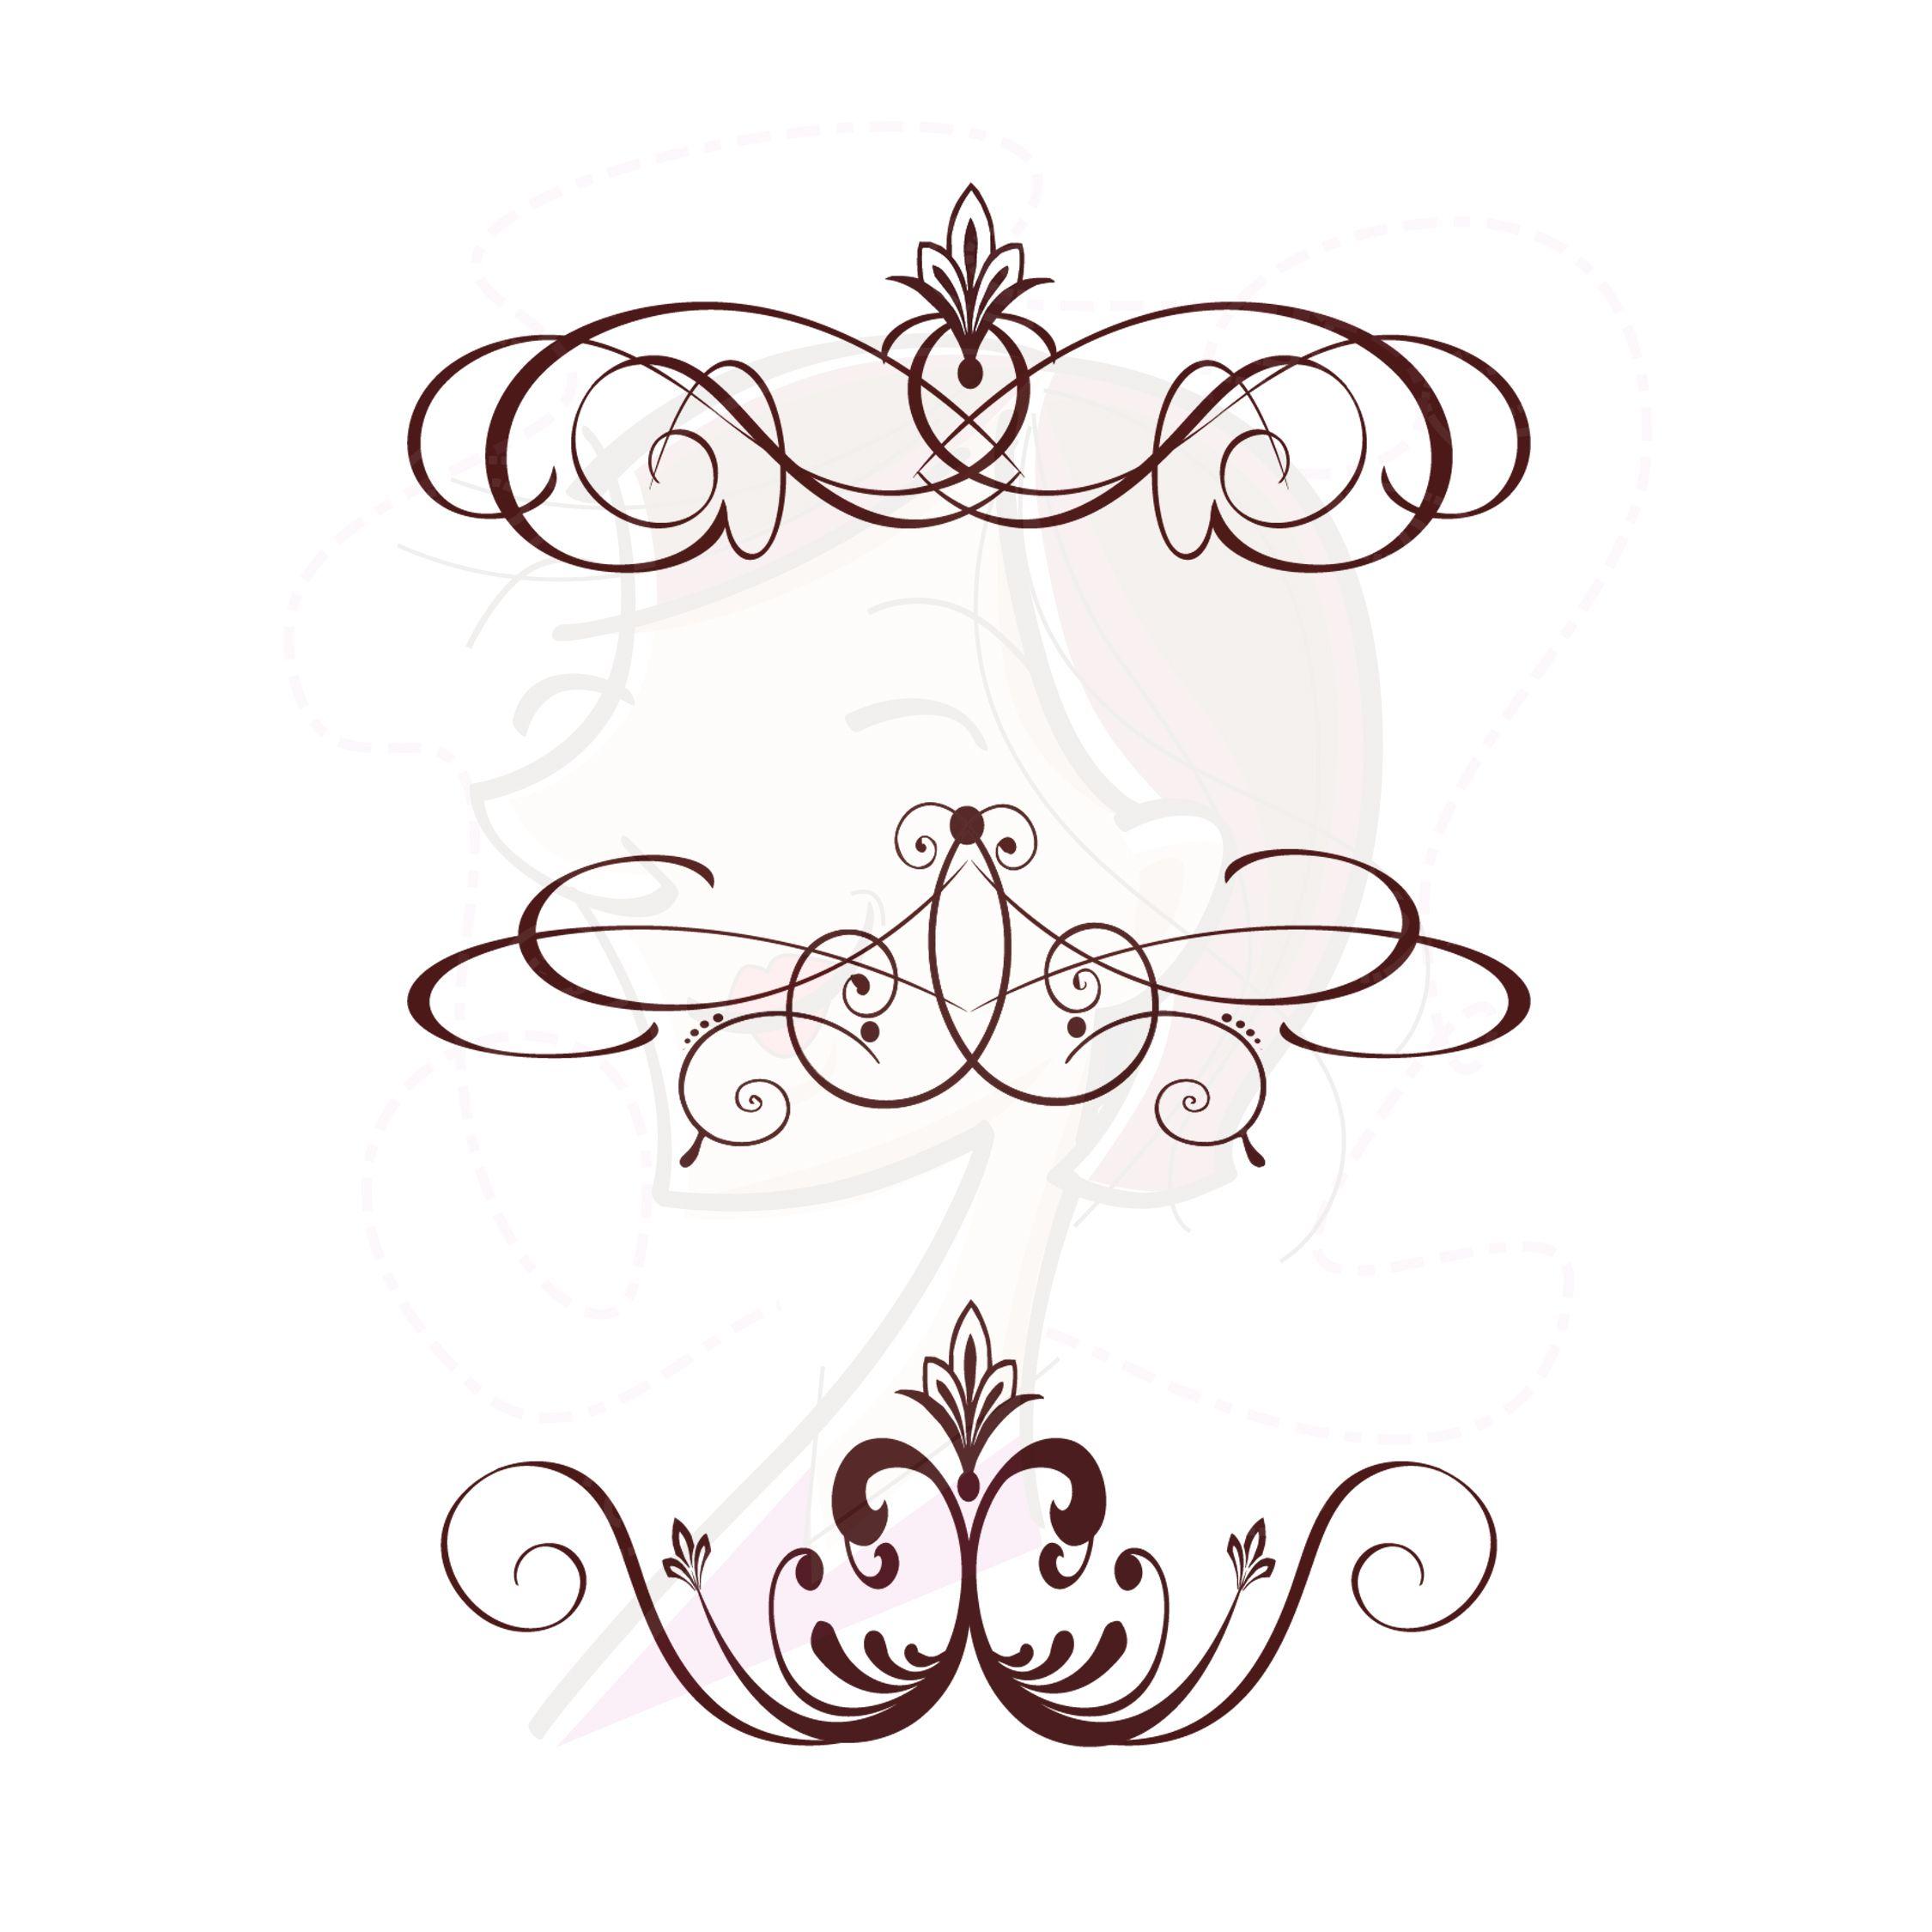 Flourish Vector Vintage Clip Art Dark Brown Floral Swirls Rh Ph